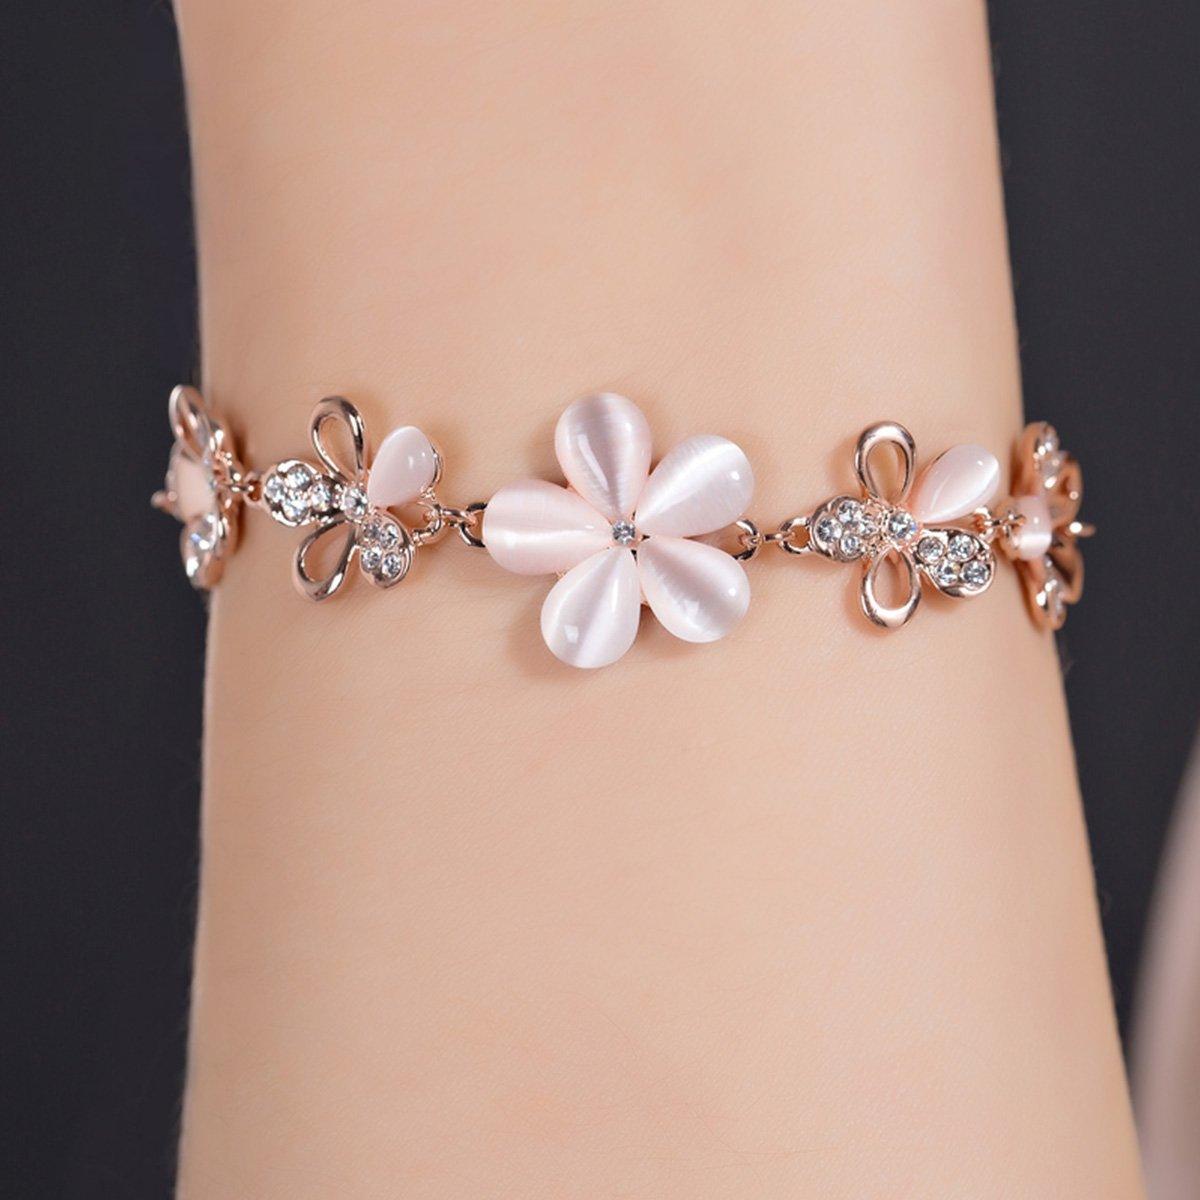 df7dd25f01ac87 Amazon | Merdia サクラブレスレットレディース フラワー 桜の花 ピンク腕輪 バングル 花びら ギフト 長さ調整可 | バングル 通販